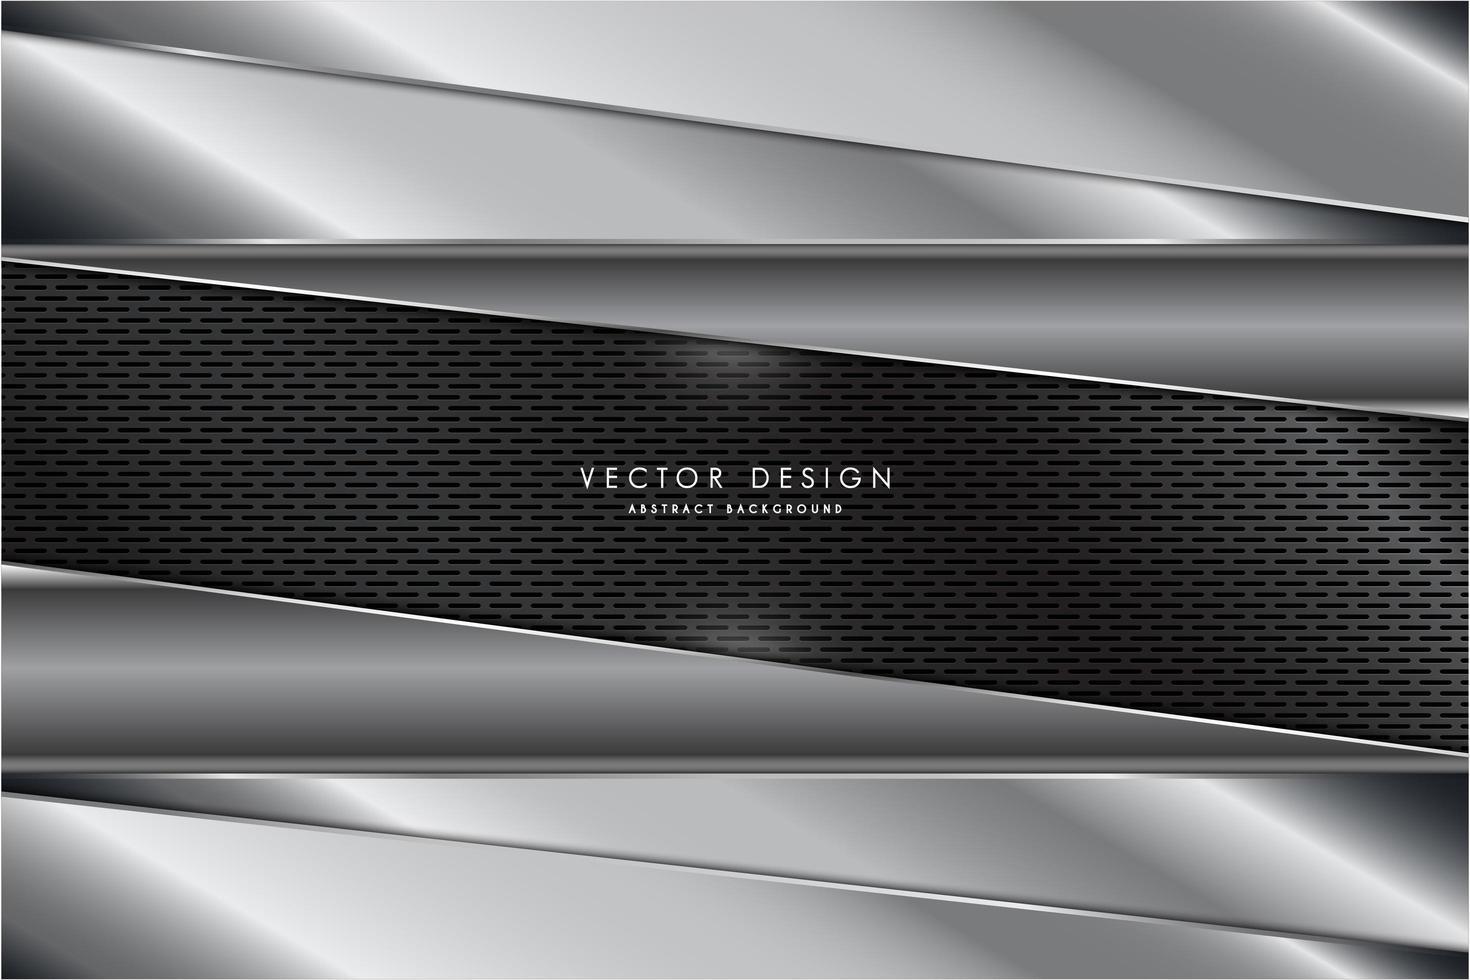 Panneaux en couches d'argent métallique sur texture de fibre de carbone gris vecteur